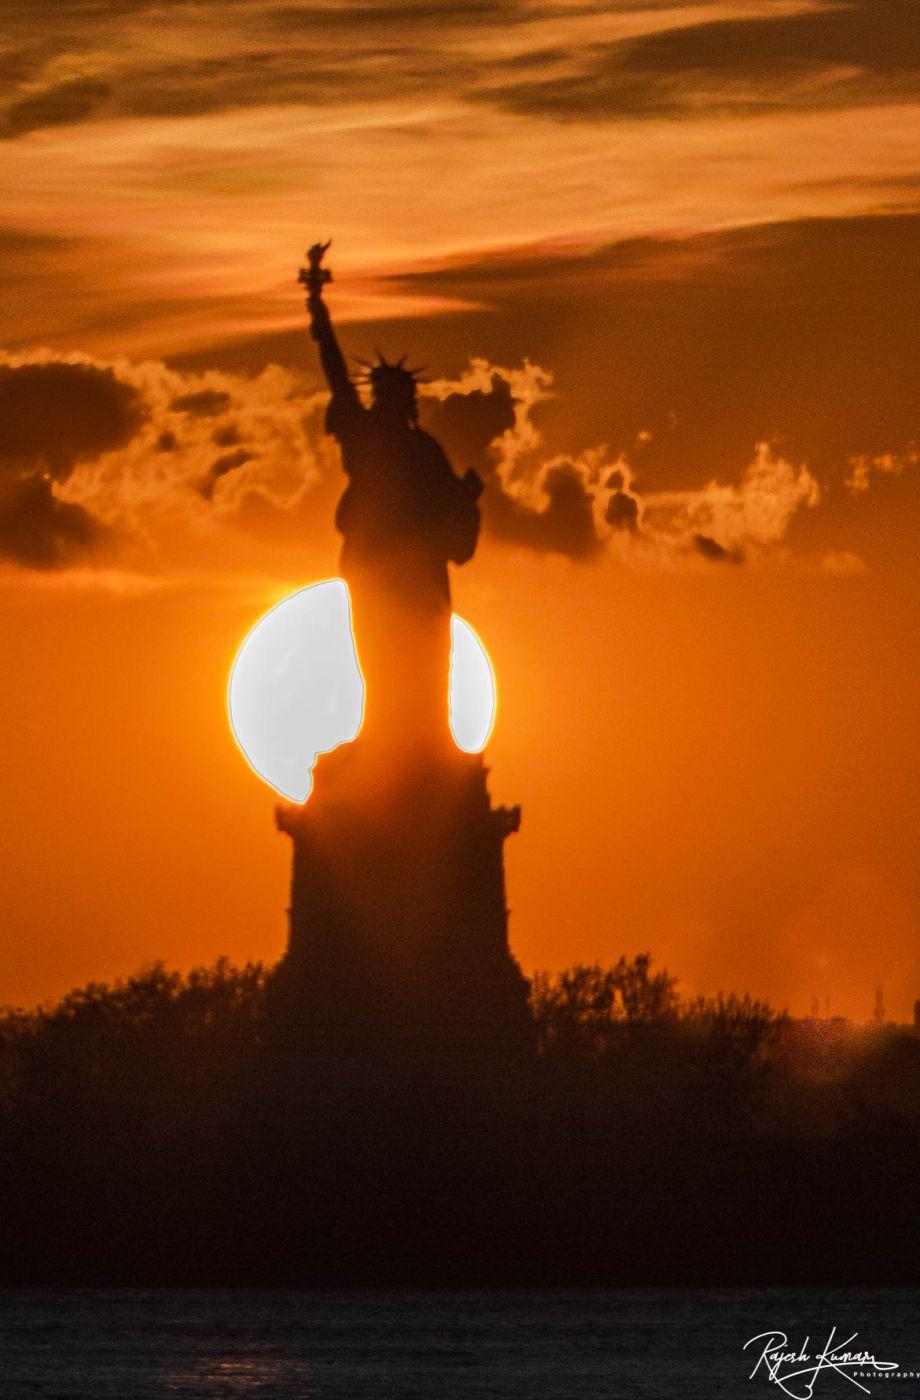 Statue of Liberty Sunset, USA